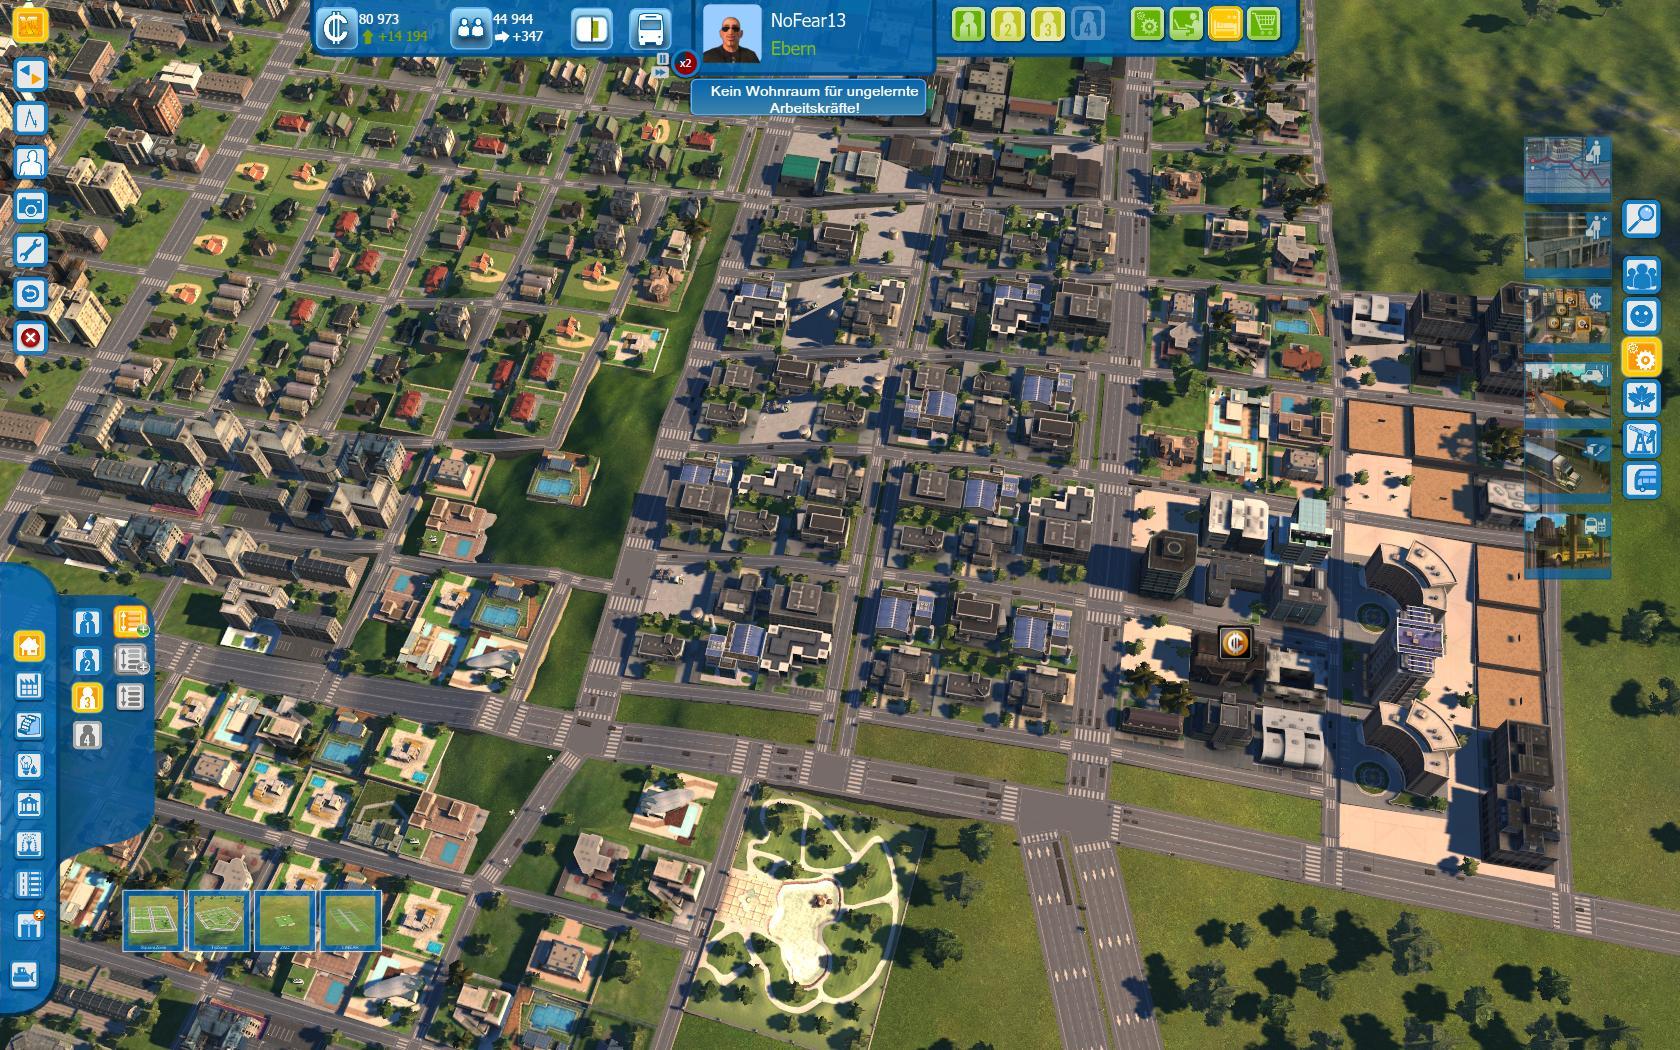 stadt bauen spiele kostenlos